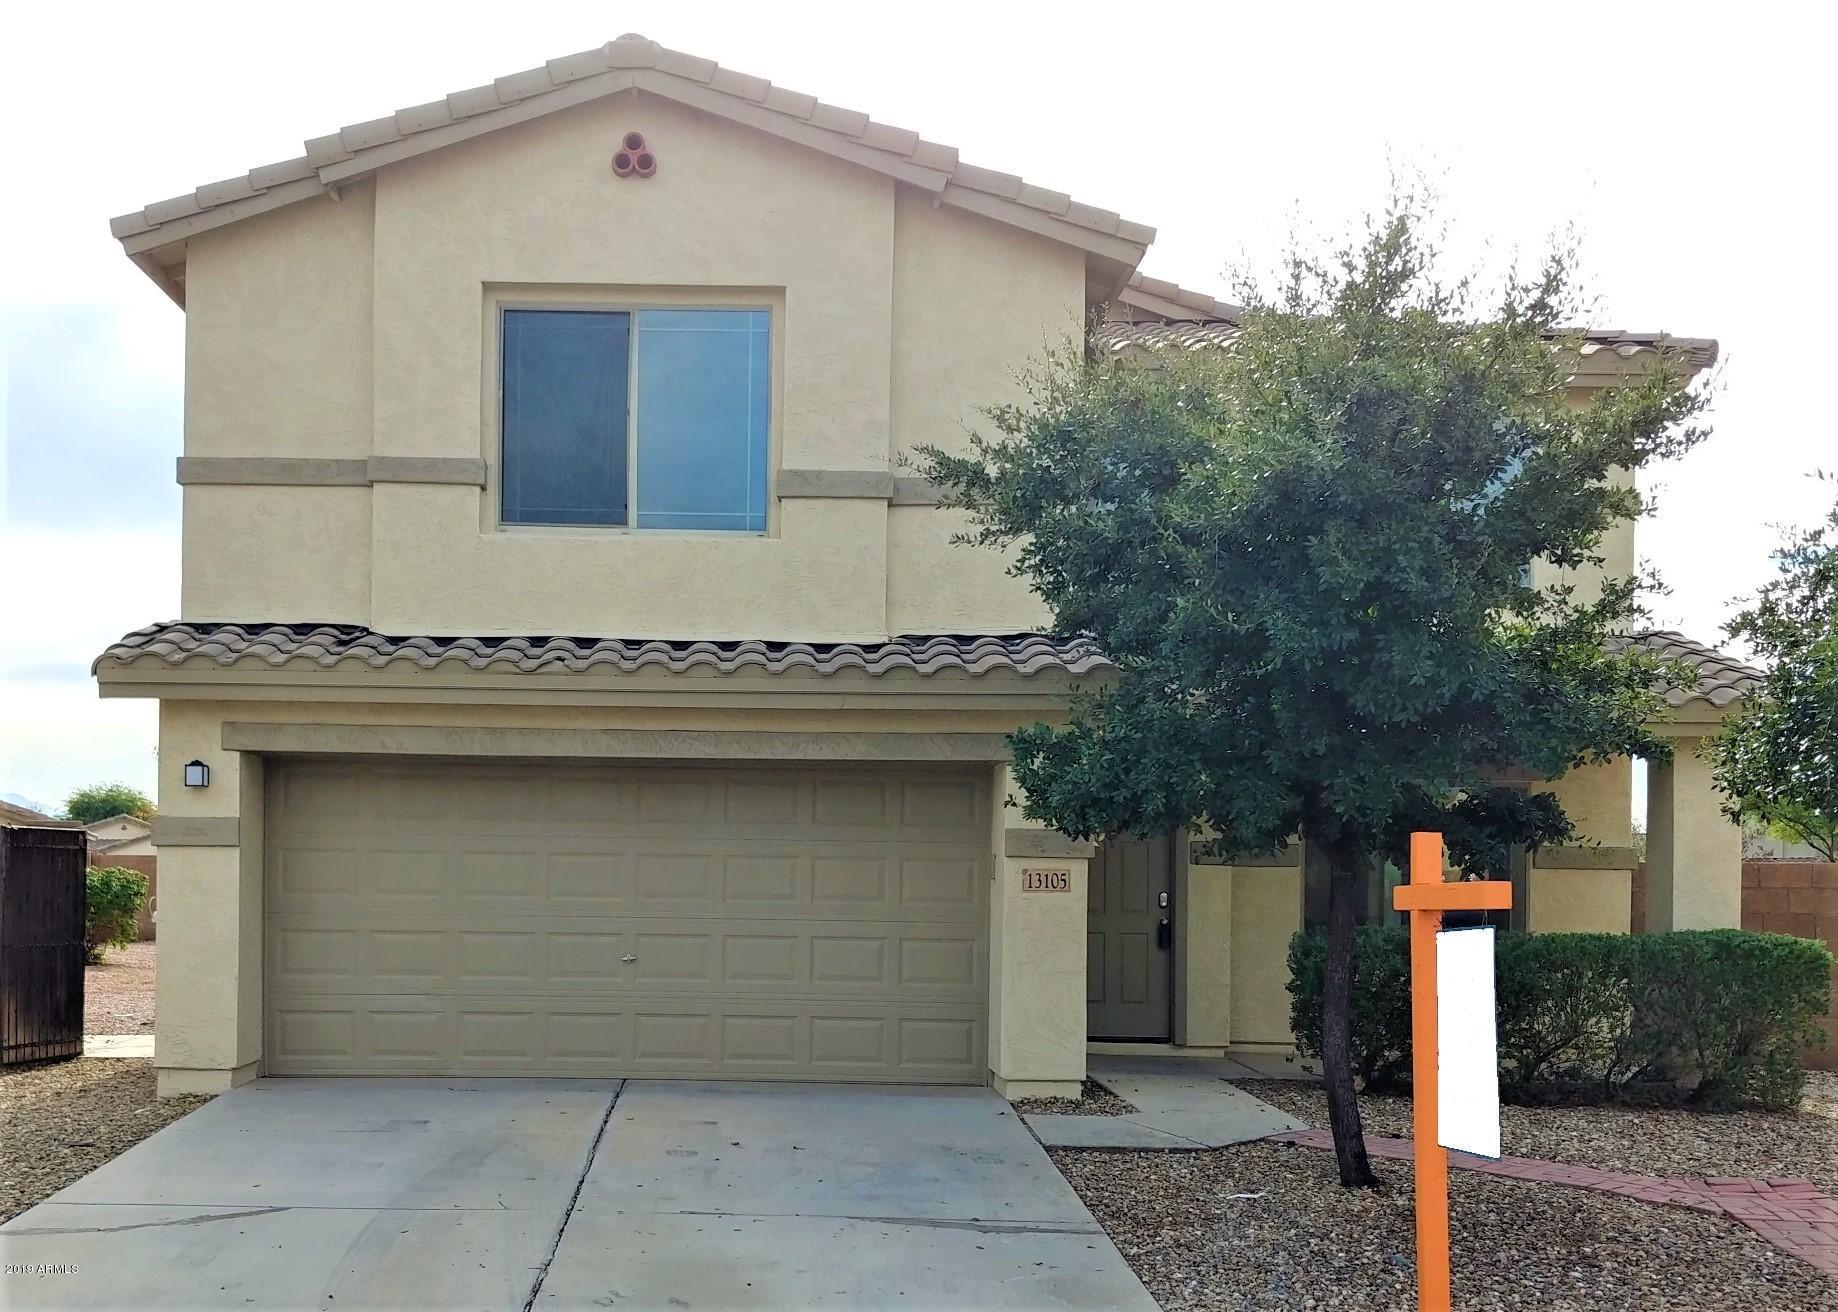 Photo of 13105 W INDIANOLA Avenue, Litchfield Park, AZ 85340